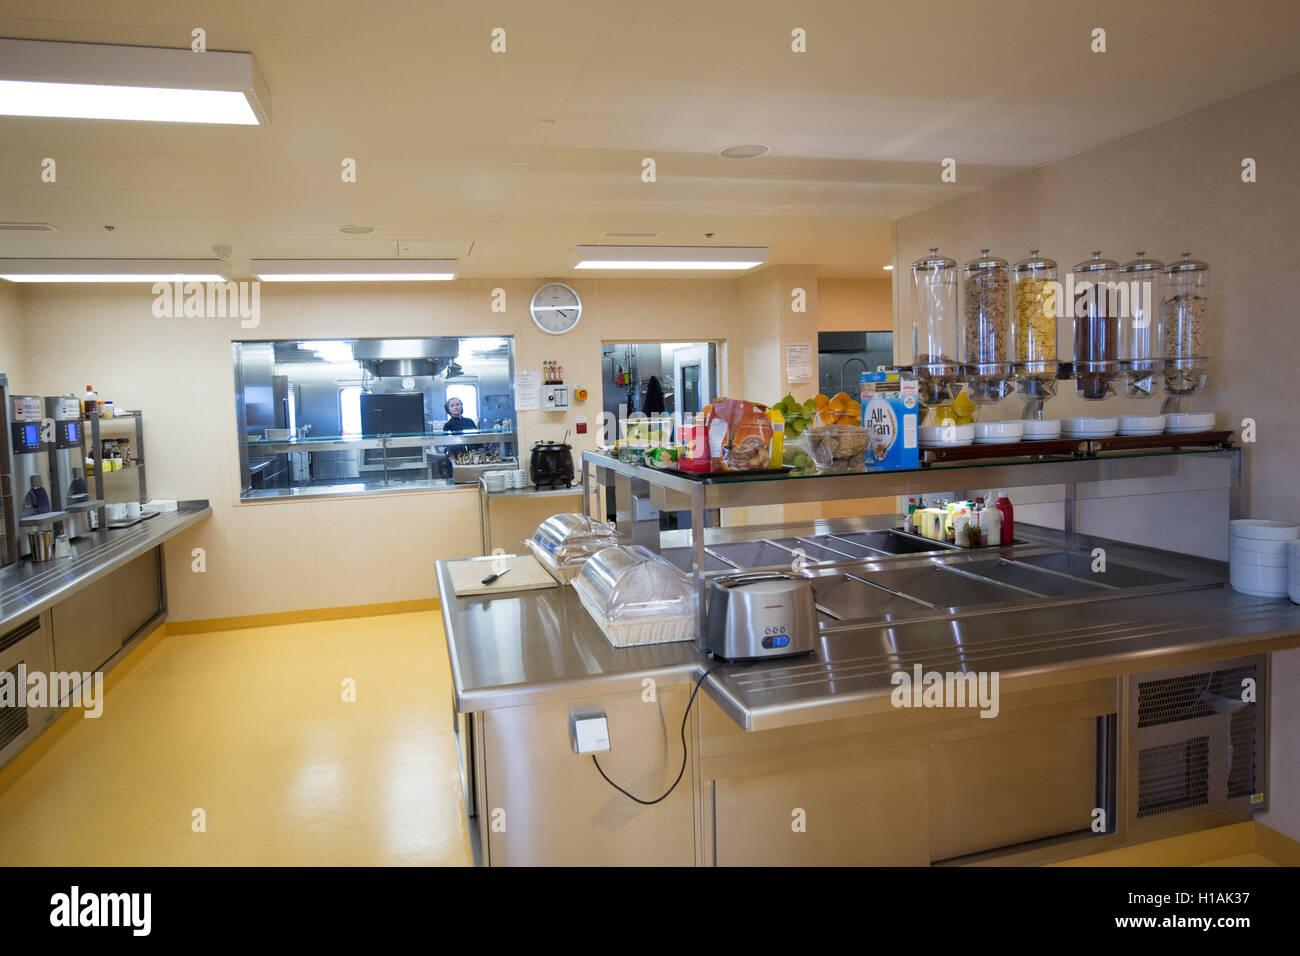 Kitchen Platform Stockfotos & Kitchen Platform Bilder - Alamy